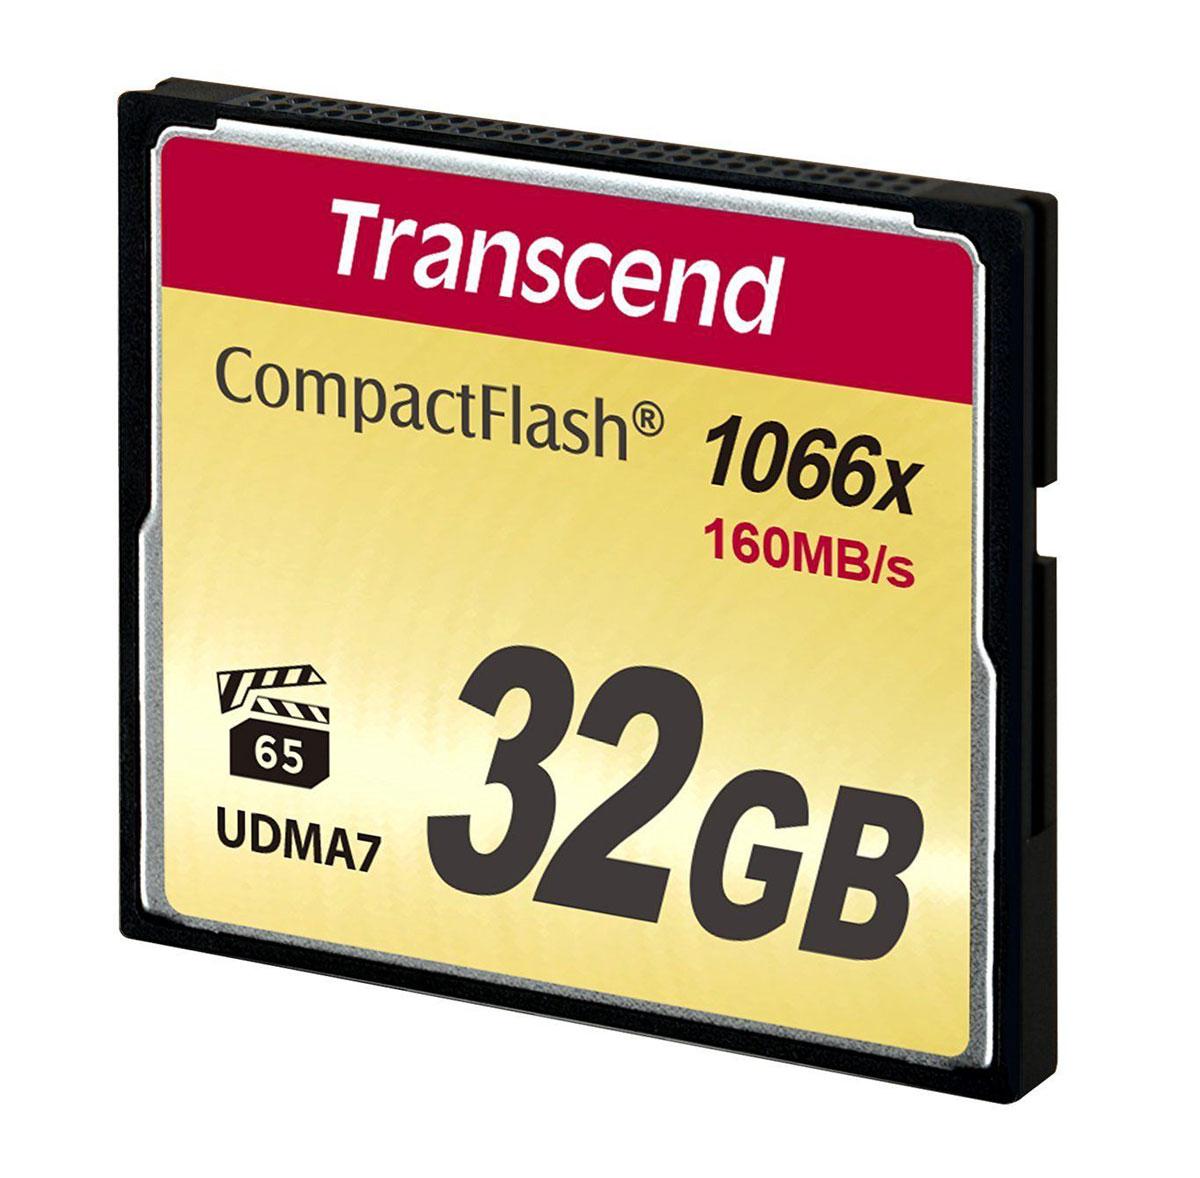 цена на Transcend Compact Flash 1000X 32GB карта памяти (TS32GCF1000)